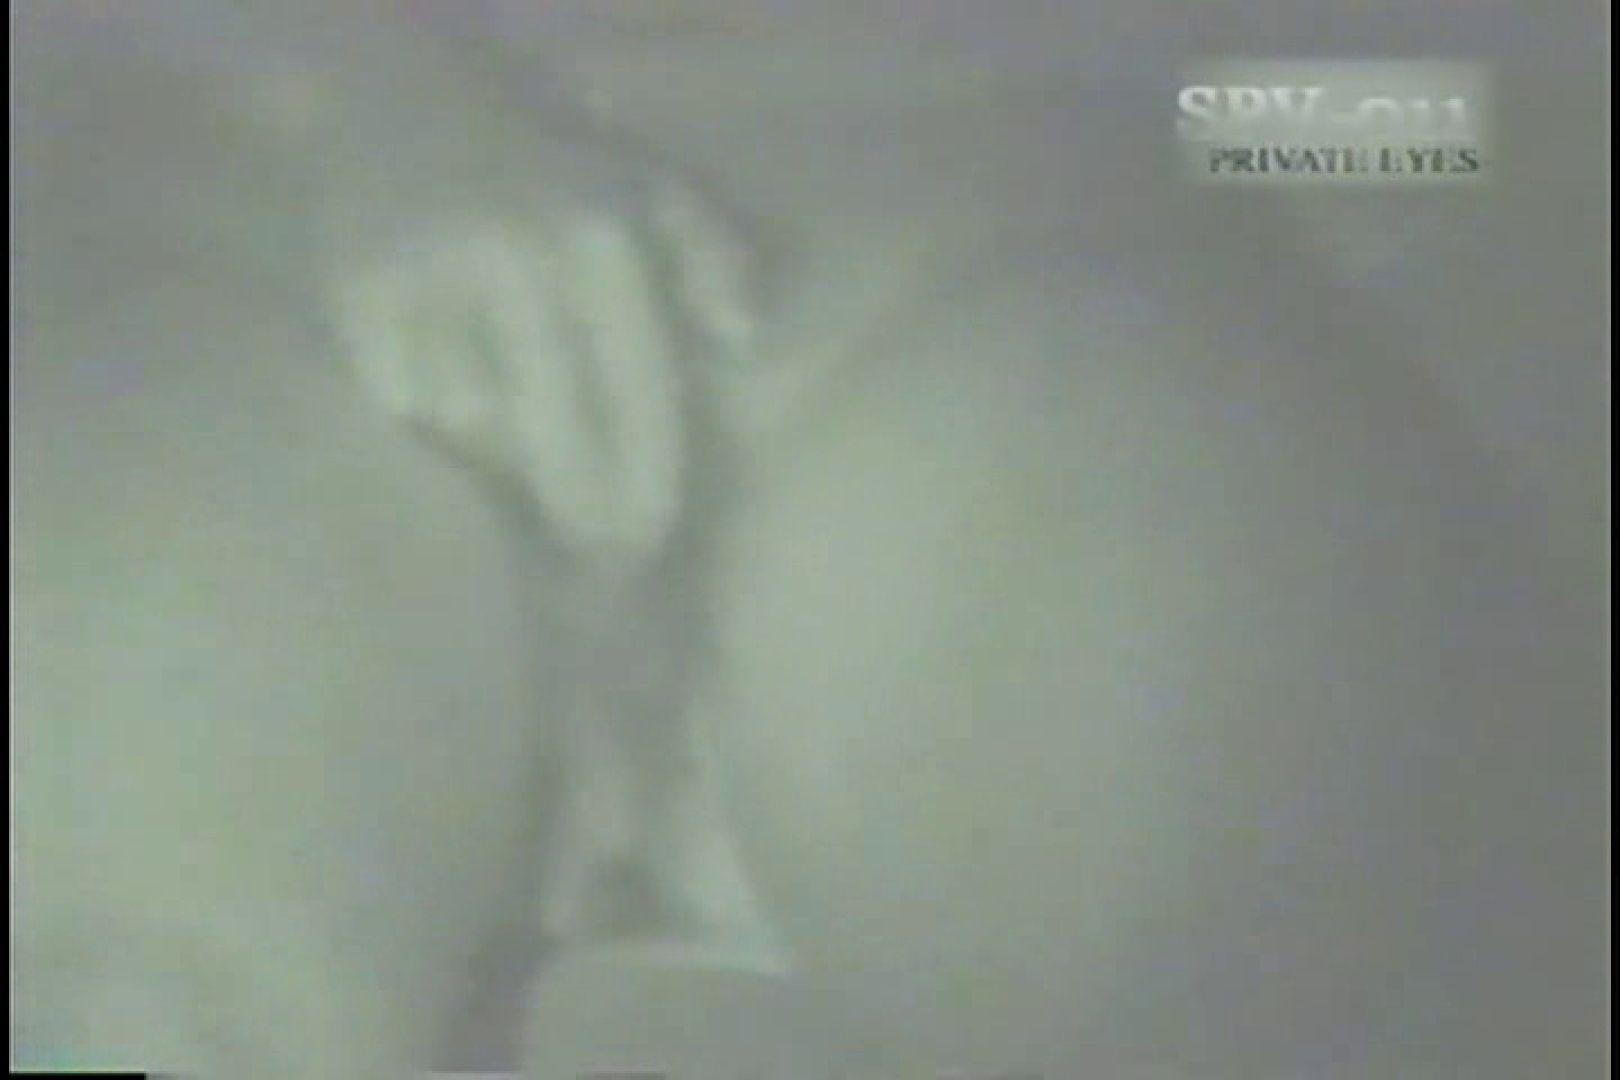 高画質版!SPD-011 盗撮 カーセックス黙示録 (VHS) プライベート セックス画像 94連発 94